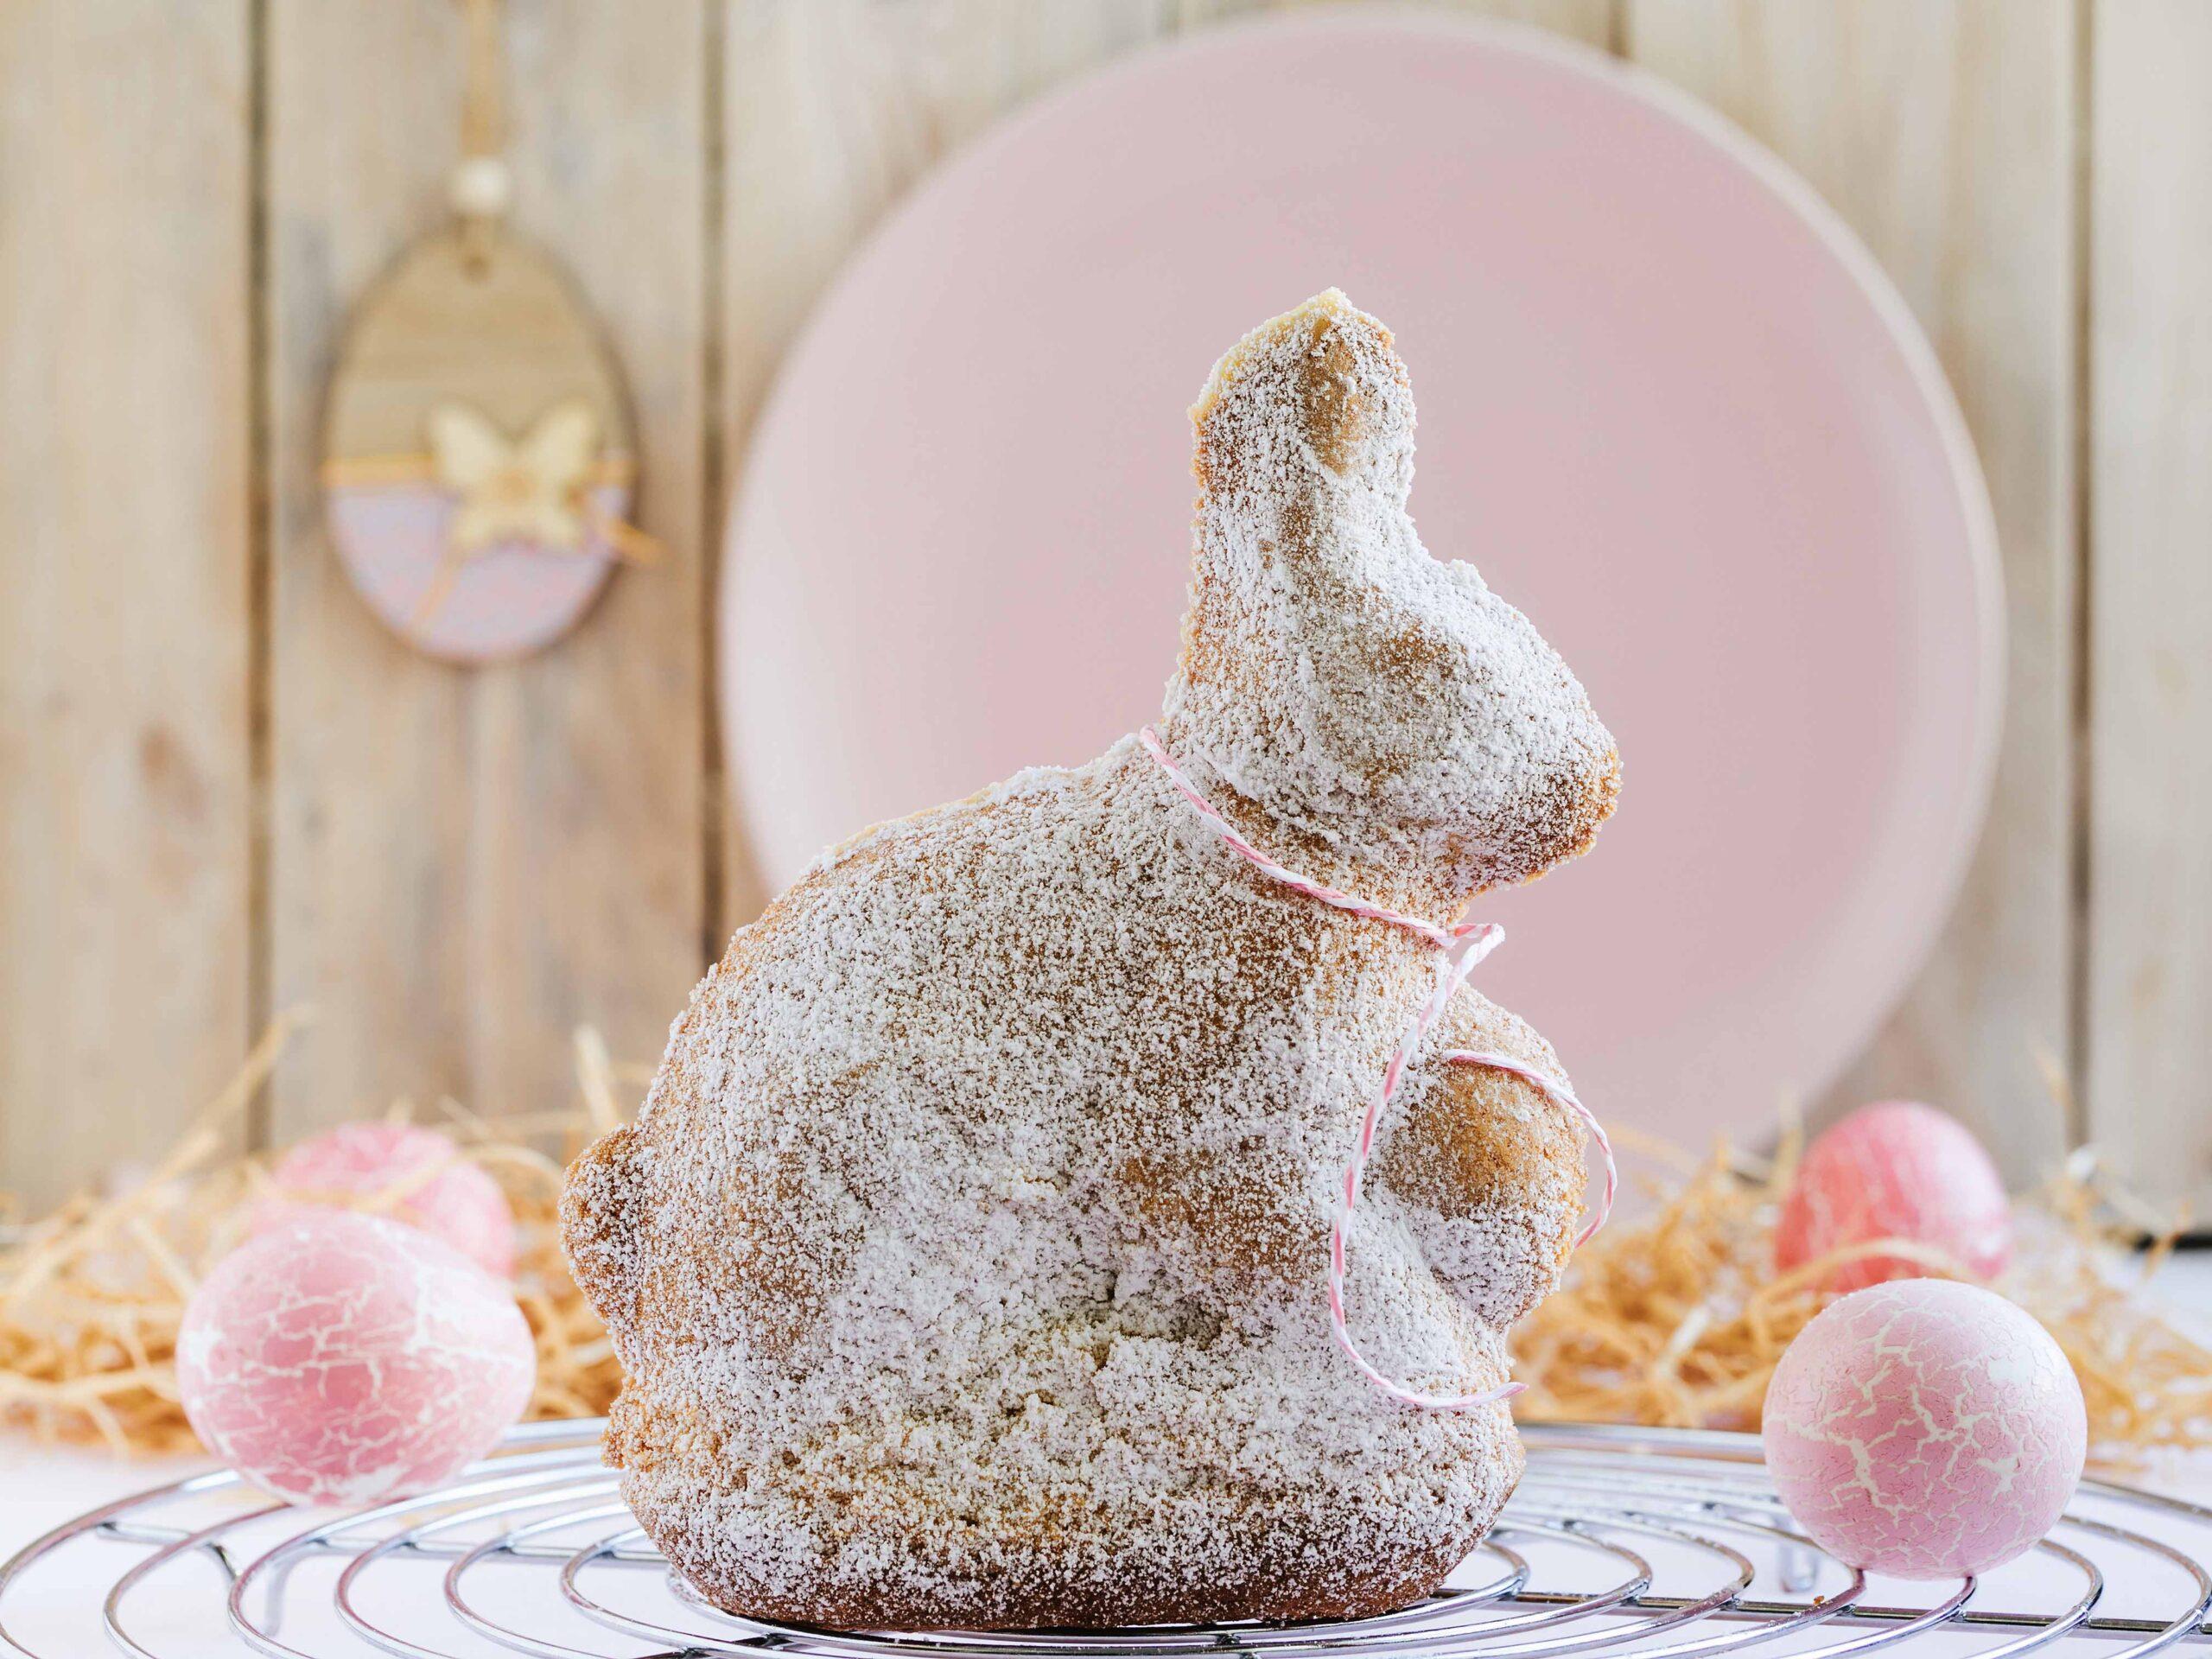 Easter bunny eggnog cake